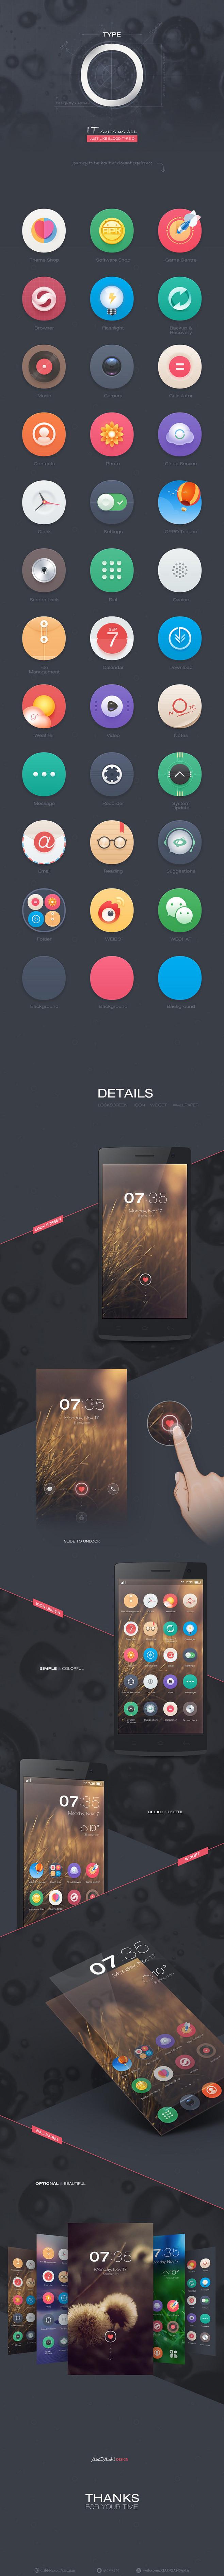 手机app主题图标设计欣赏5